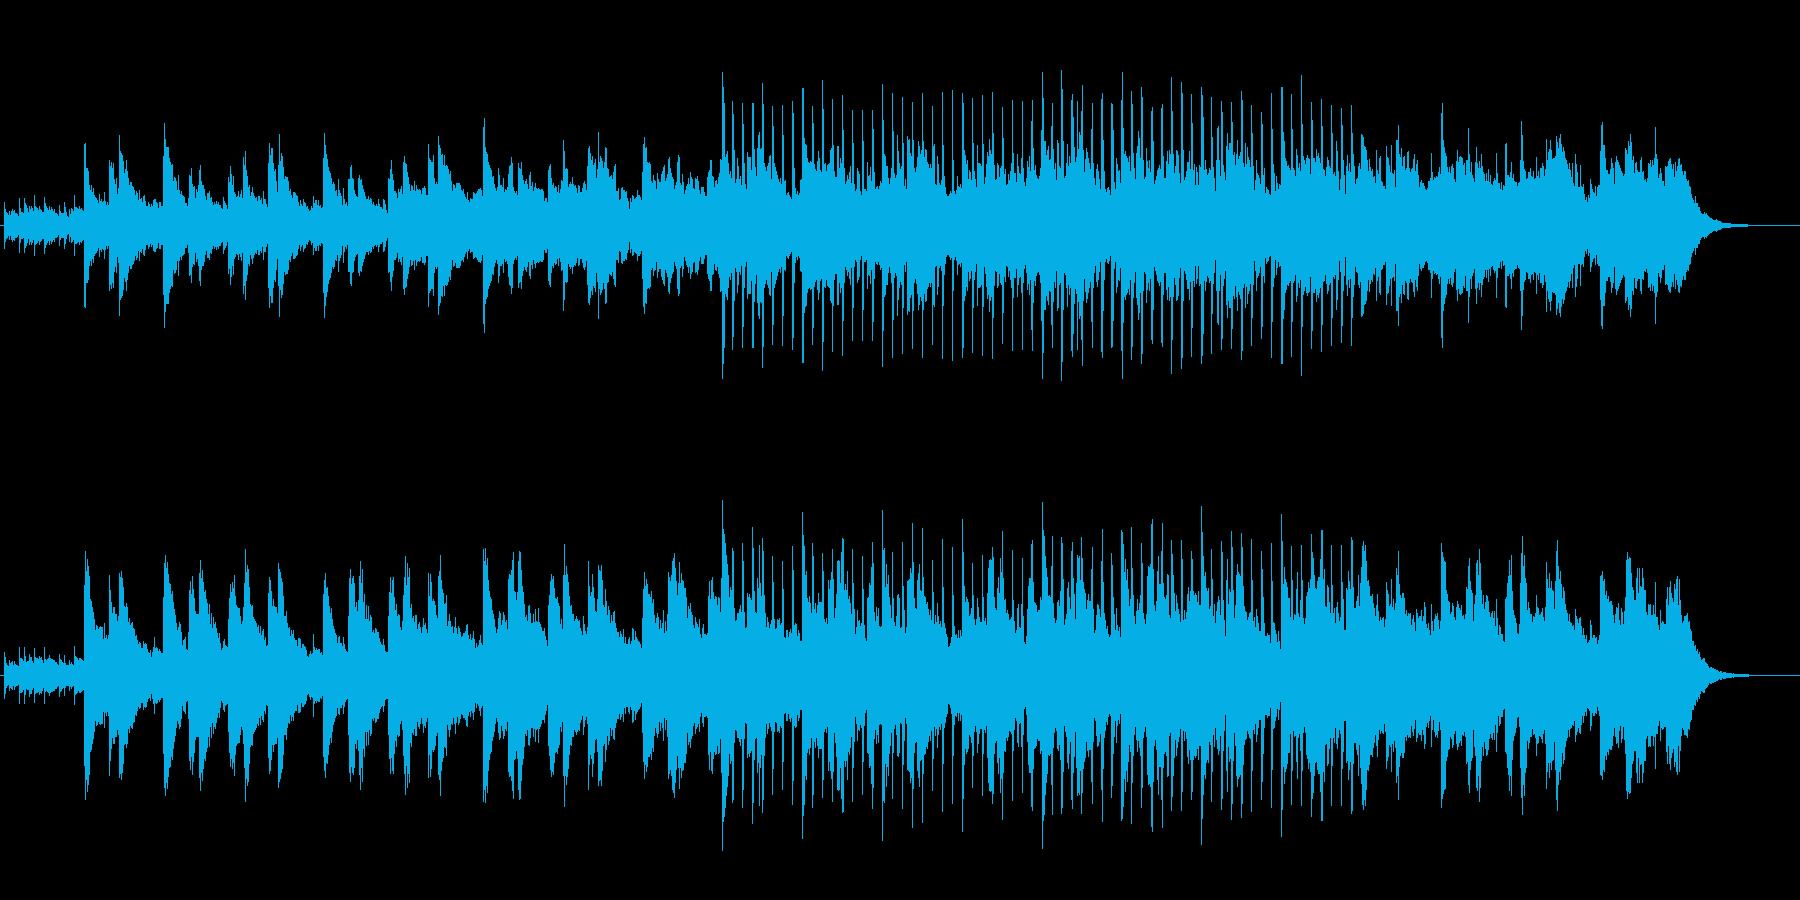 波のような爽やかで落ち着いたアンビエントの再生済みの波形